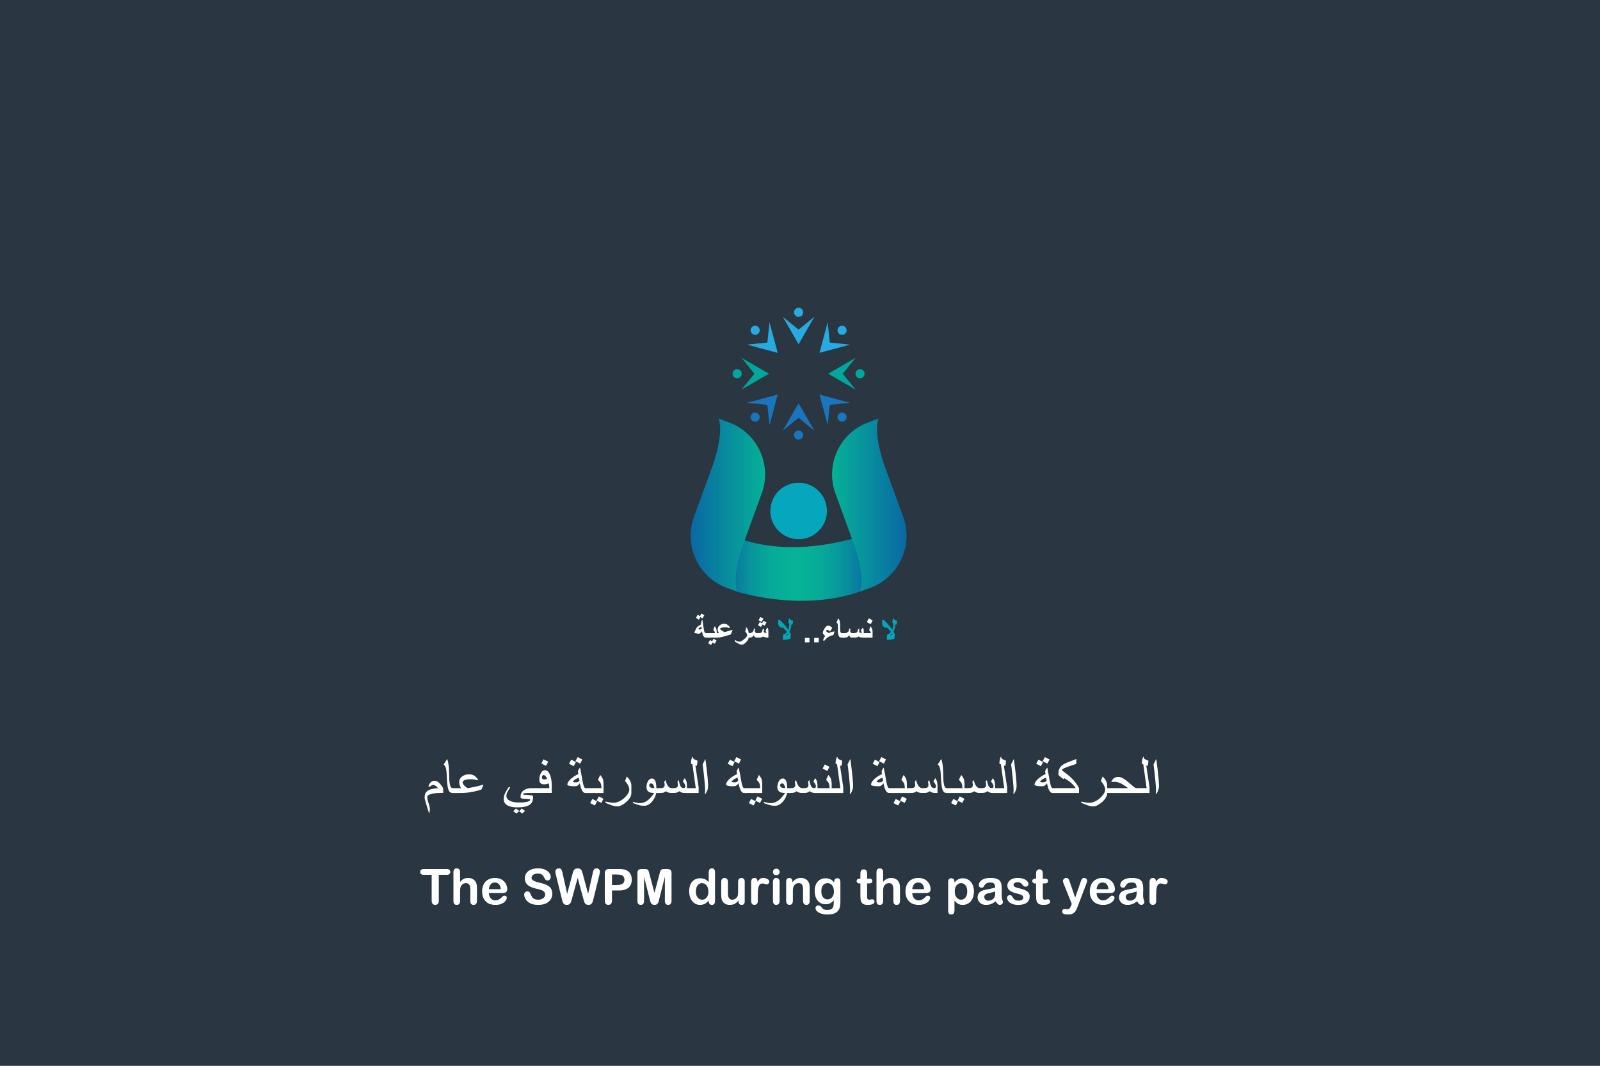 الحركة السياسية النسوية السورية في عام